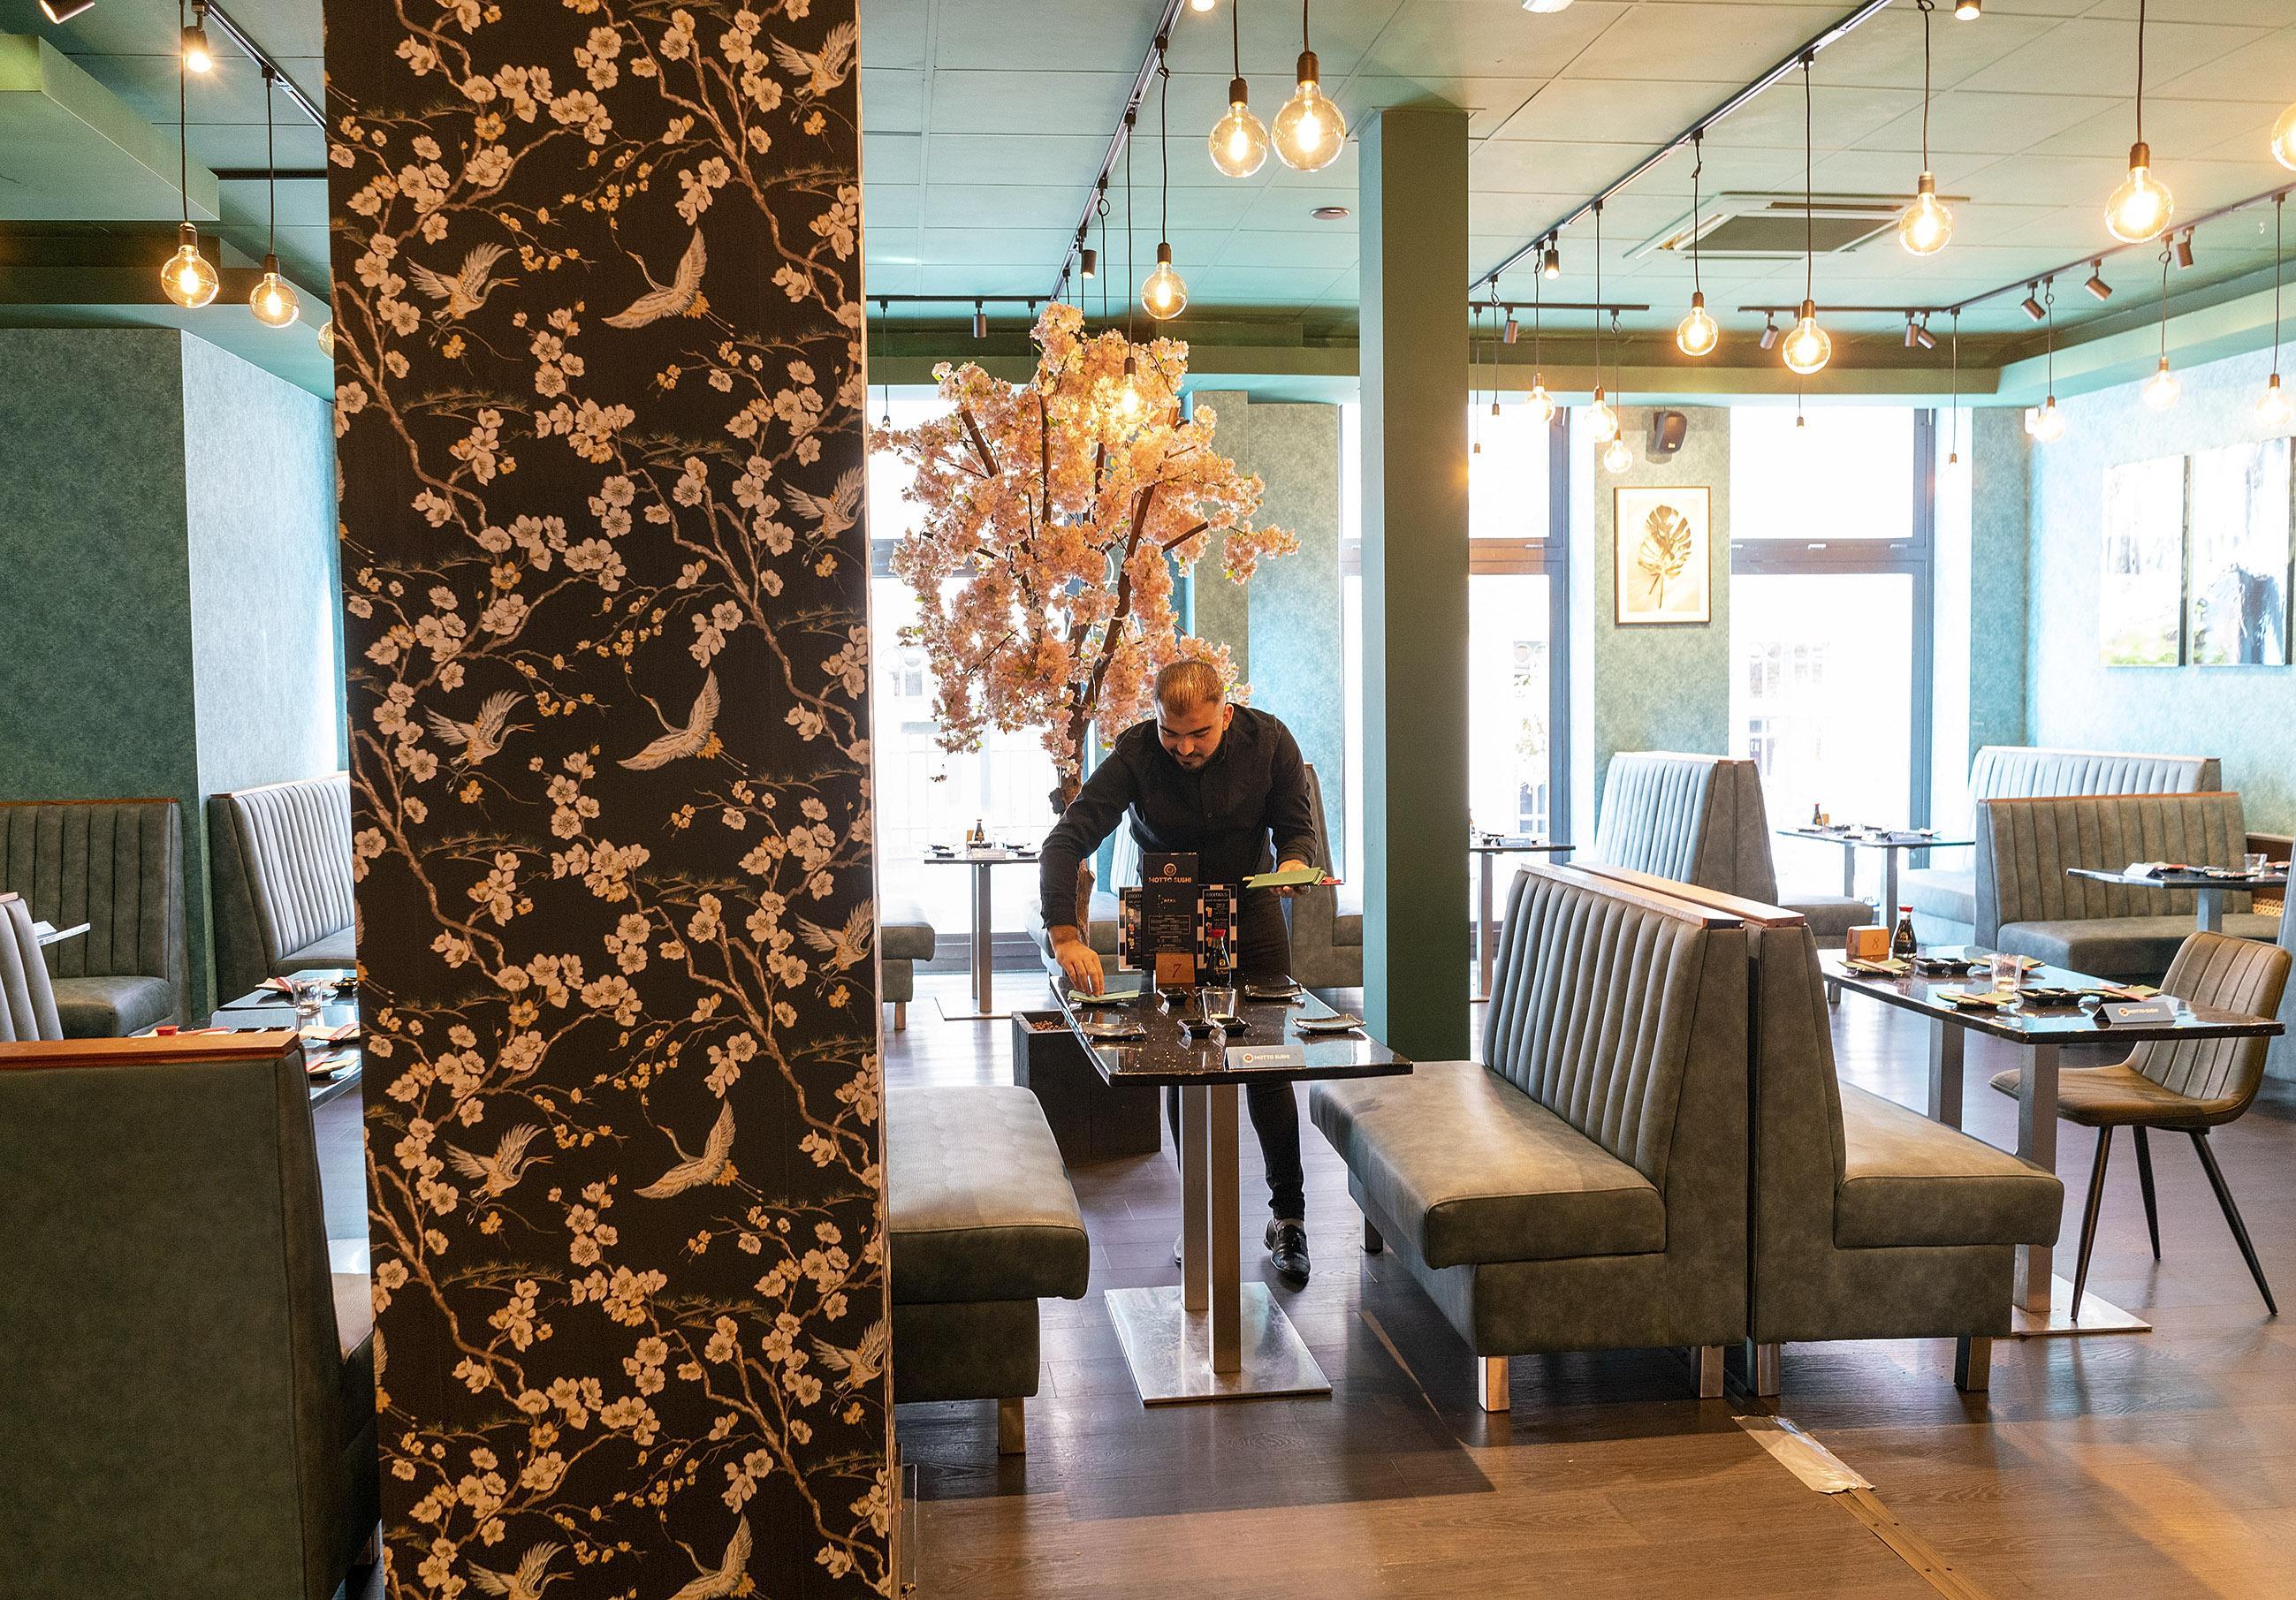 Drie korte nachten van drie uur slaap voor het personeel, maar nu is restaurant Motto Sushi in Alkmaar klaar voor lange avonden tafelen. 'We hebben alles zelf gedaan'